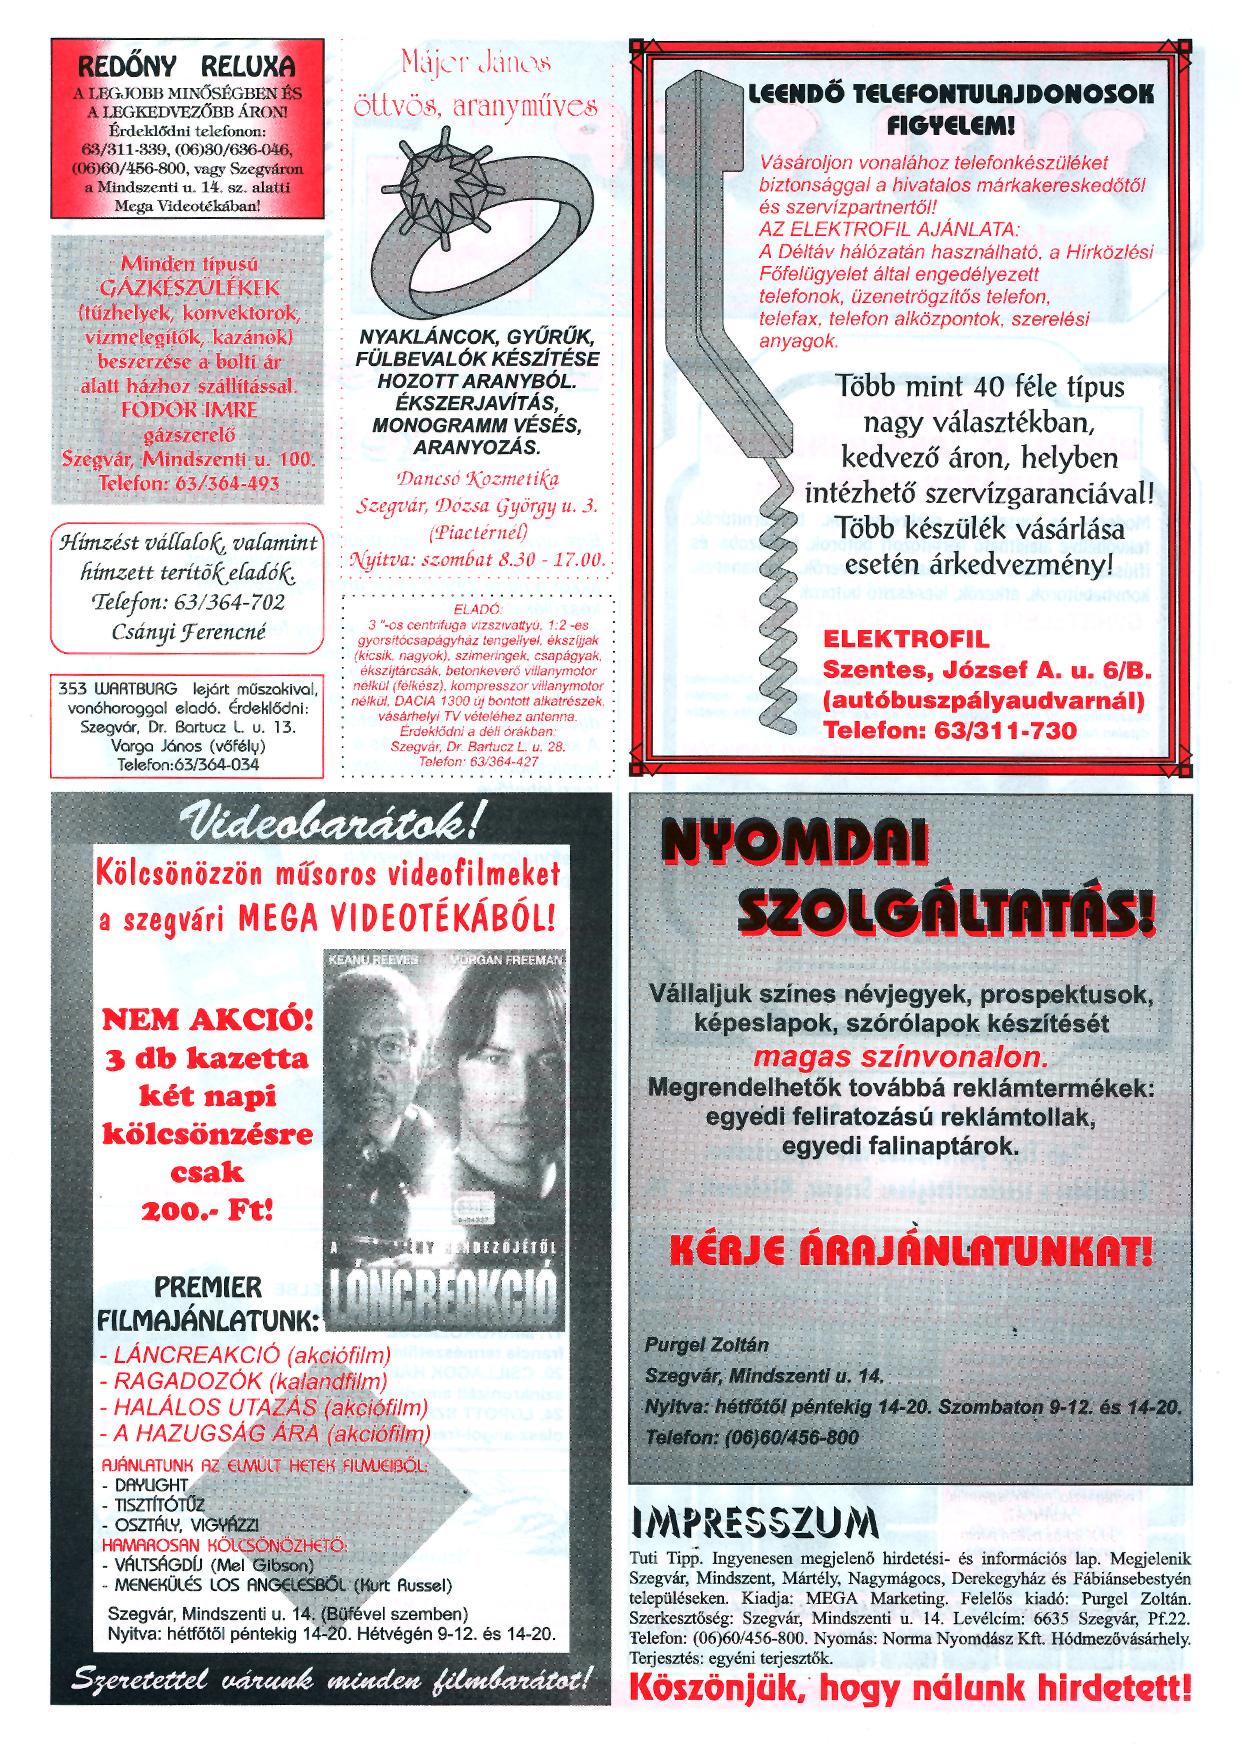 024 Tuti Tipp reklámújság - 19970712-065. lapszám - 2.oldal - III. évfolyam.jpg